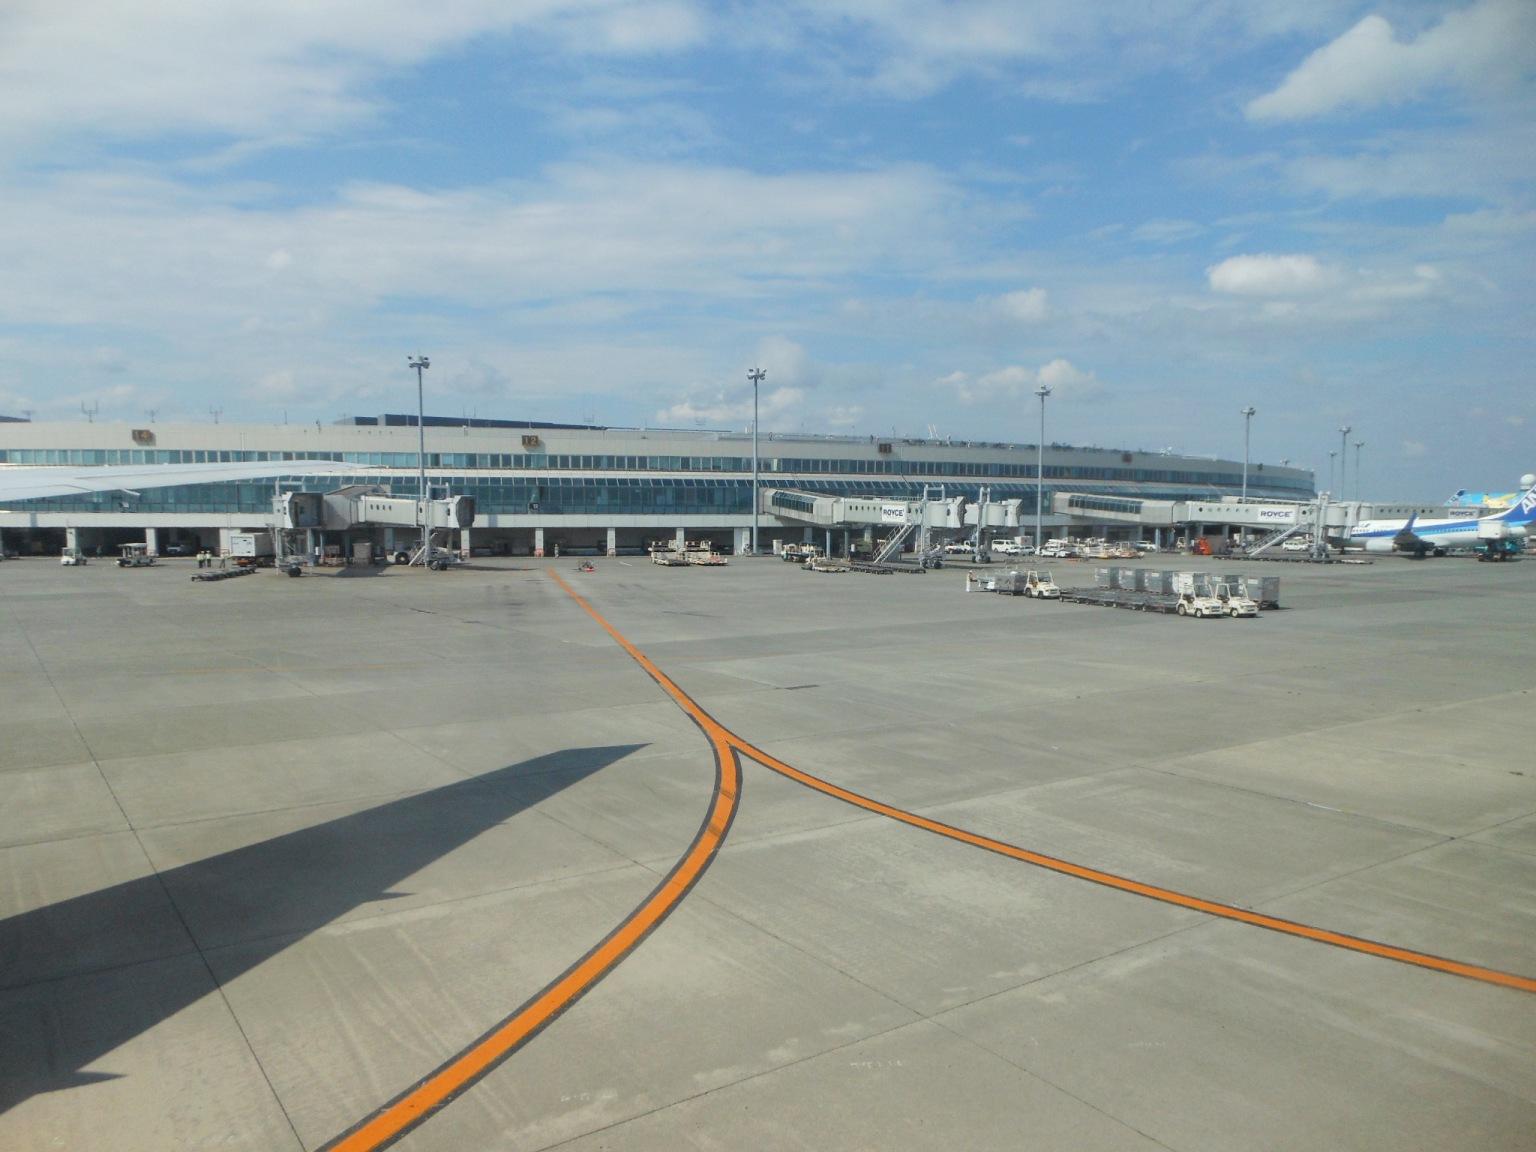 1823) ①「金沢3泊4日旅行 『飛行機からの眺め』」_f0126829_6552565.jpg